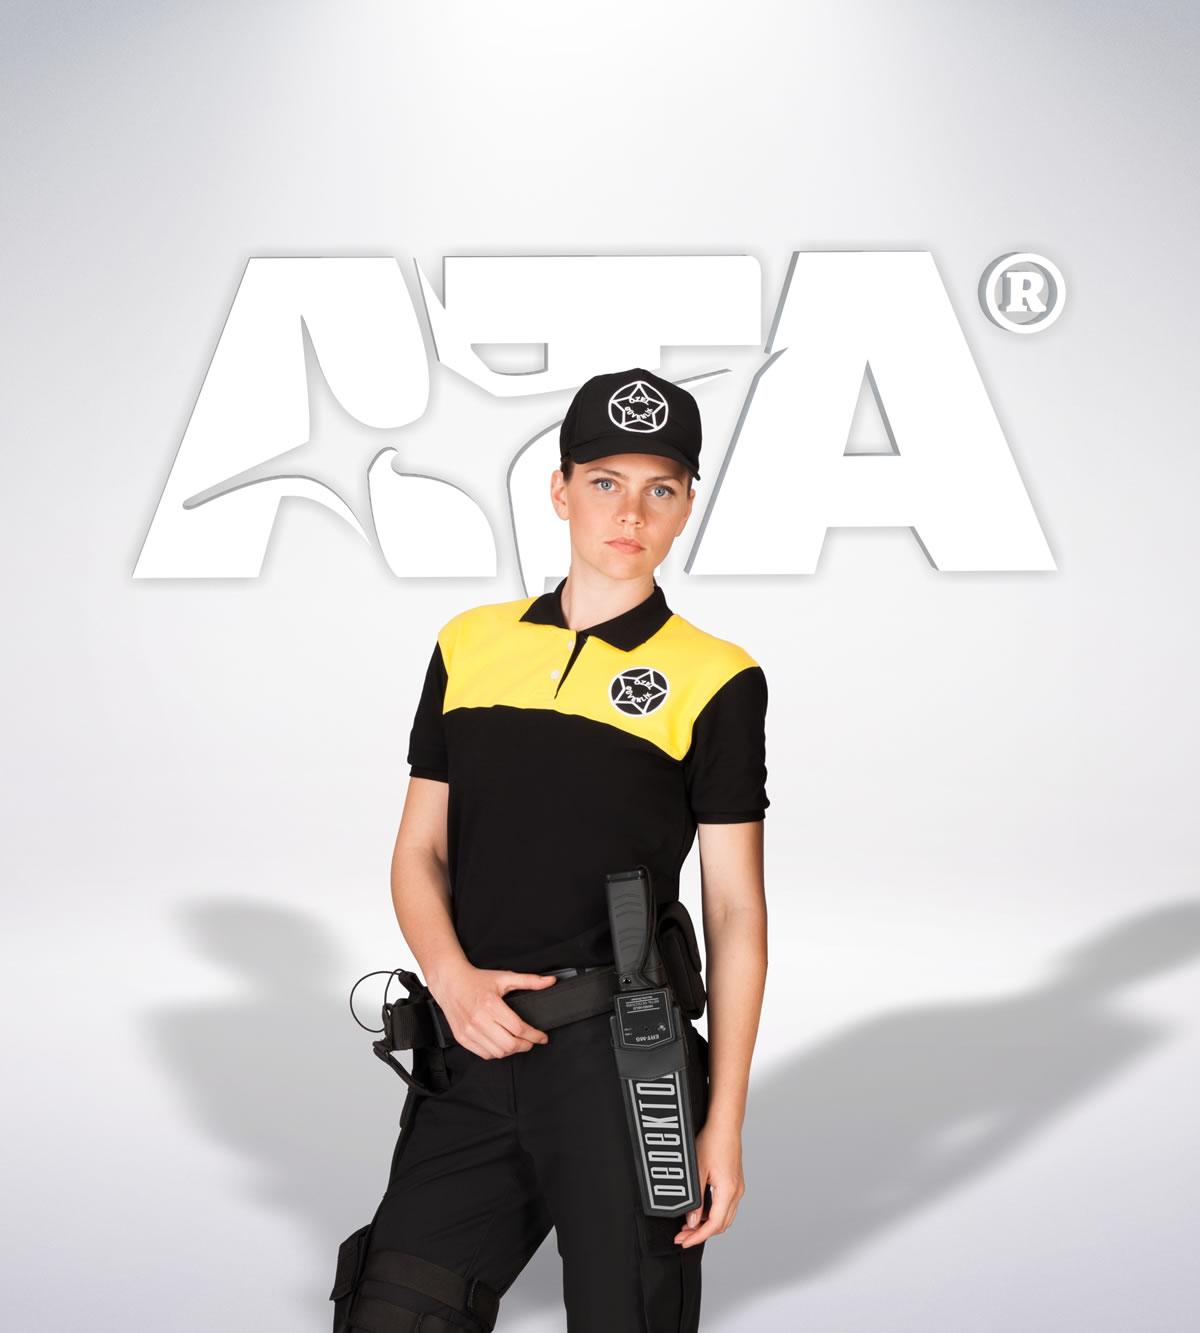 ATA 105 - ribstop kumaş pantolon - t-shirt - aksesuar - güvenlik elbiseleri | güvenlik üniformaları | güvenlik kıyafetleri